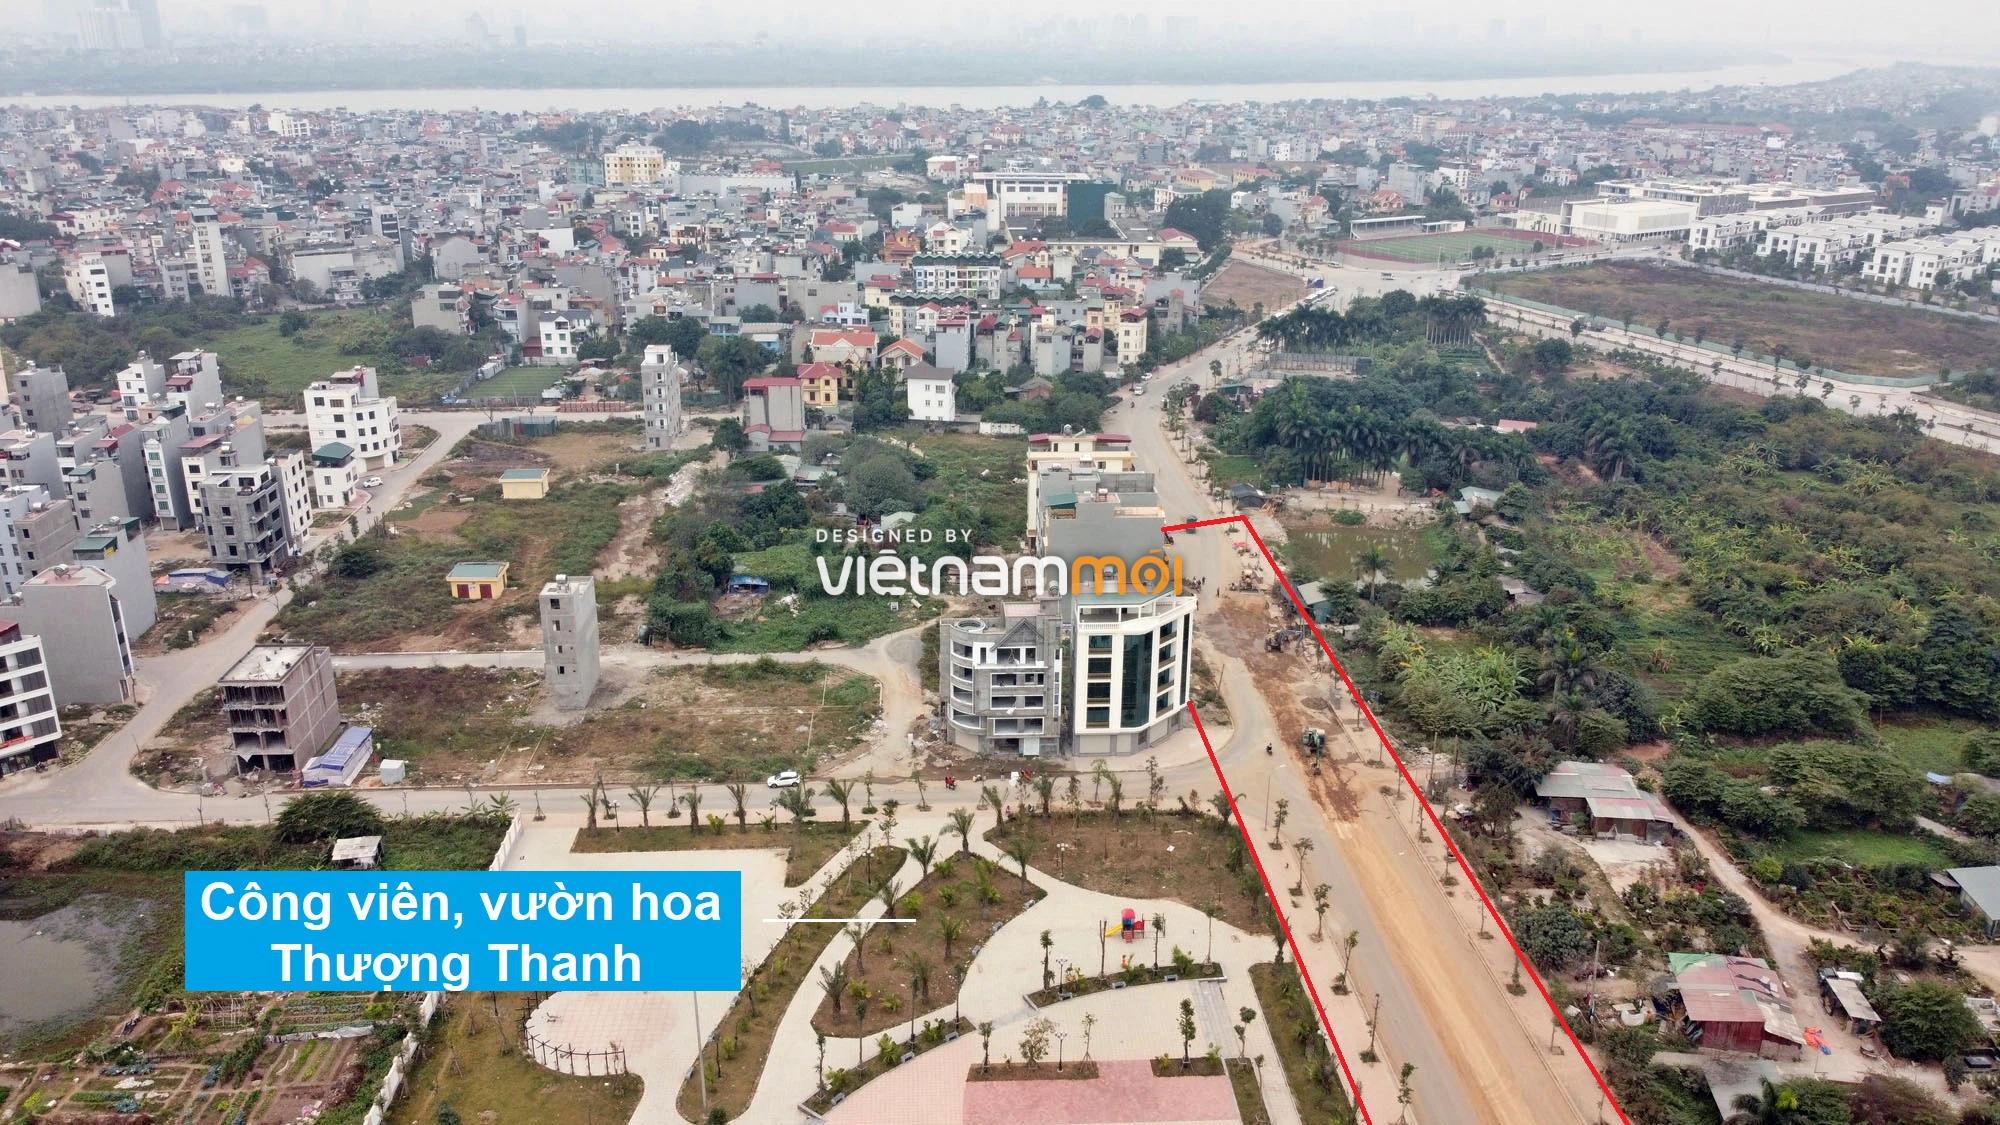 Những khu đất sắp thu hồi để mở đường ở phường Thượng Thanh, Long Biên, Hà Nội (phần 2) - Ảnh 6.